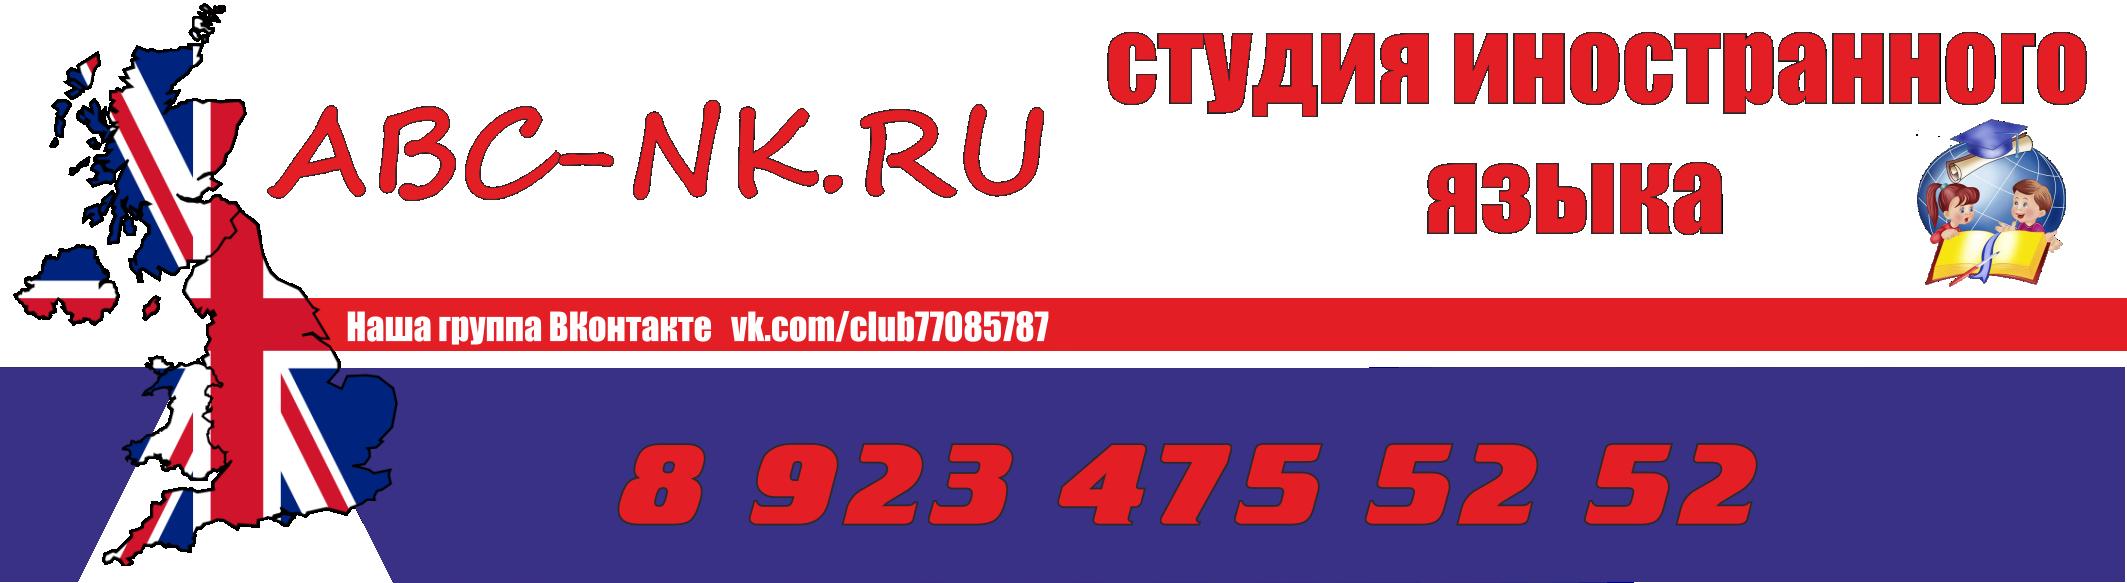 ABC-NK.RU